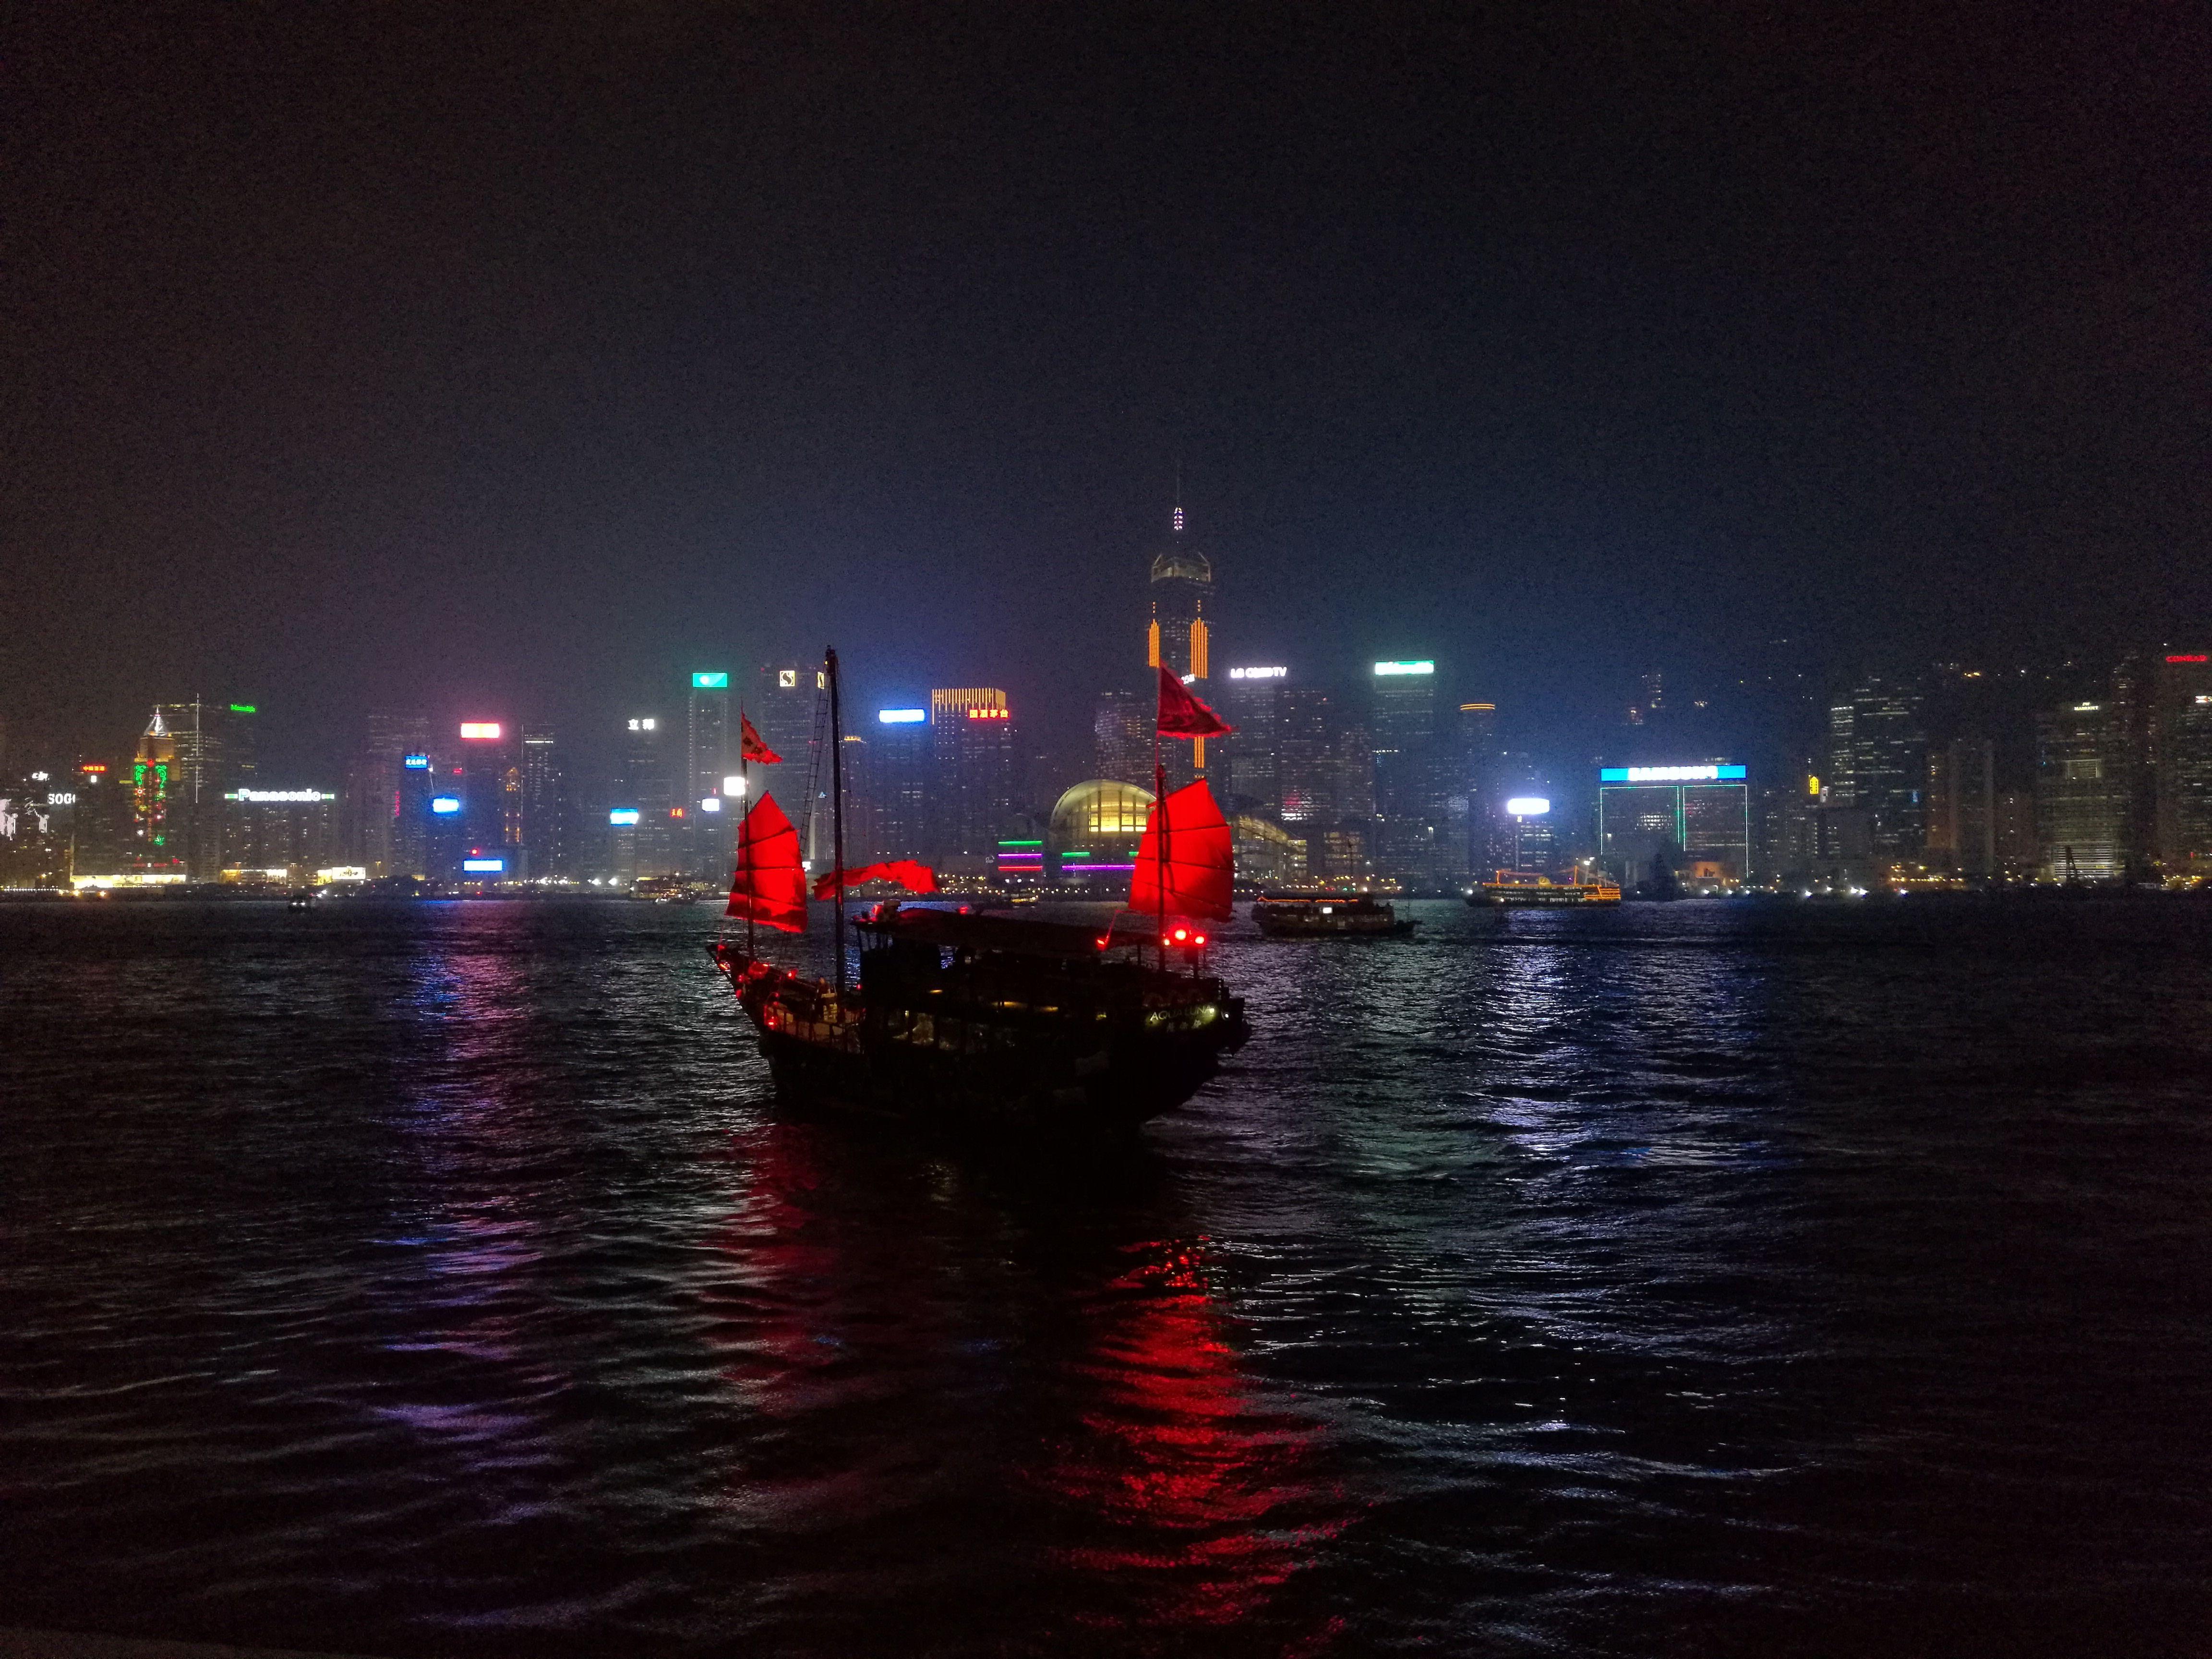 La bahía de Hong Kong por la noche